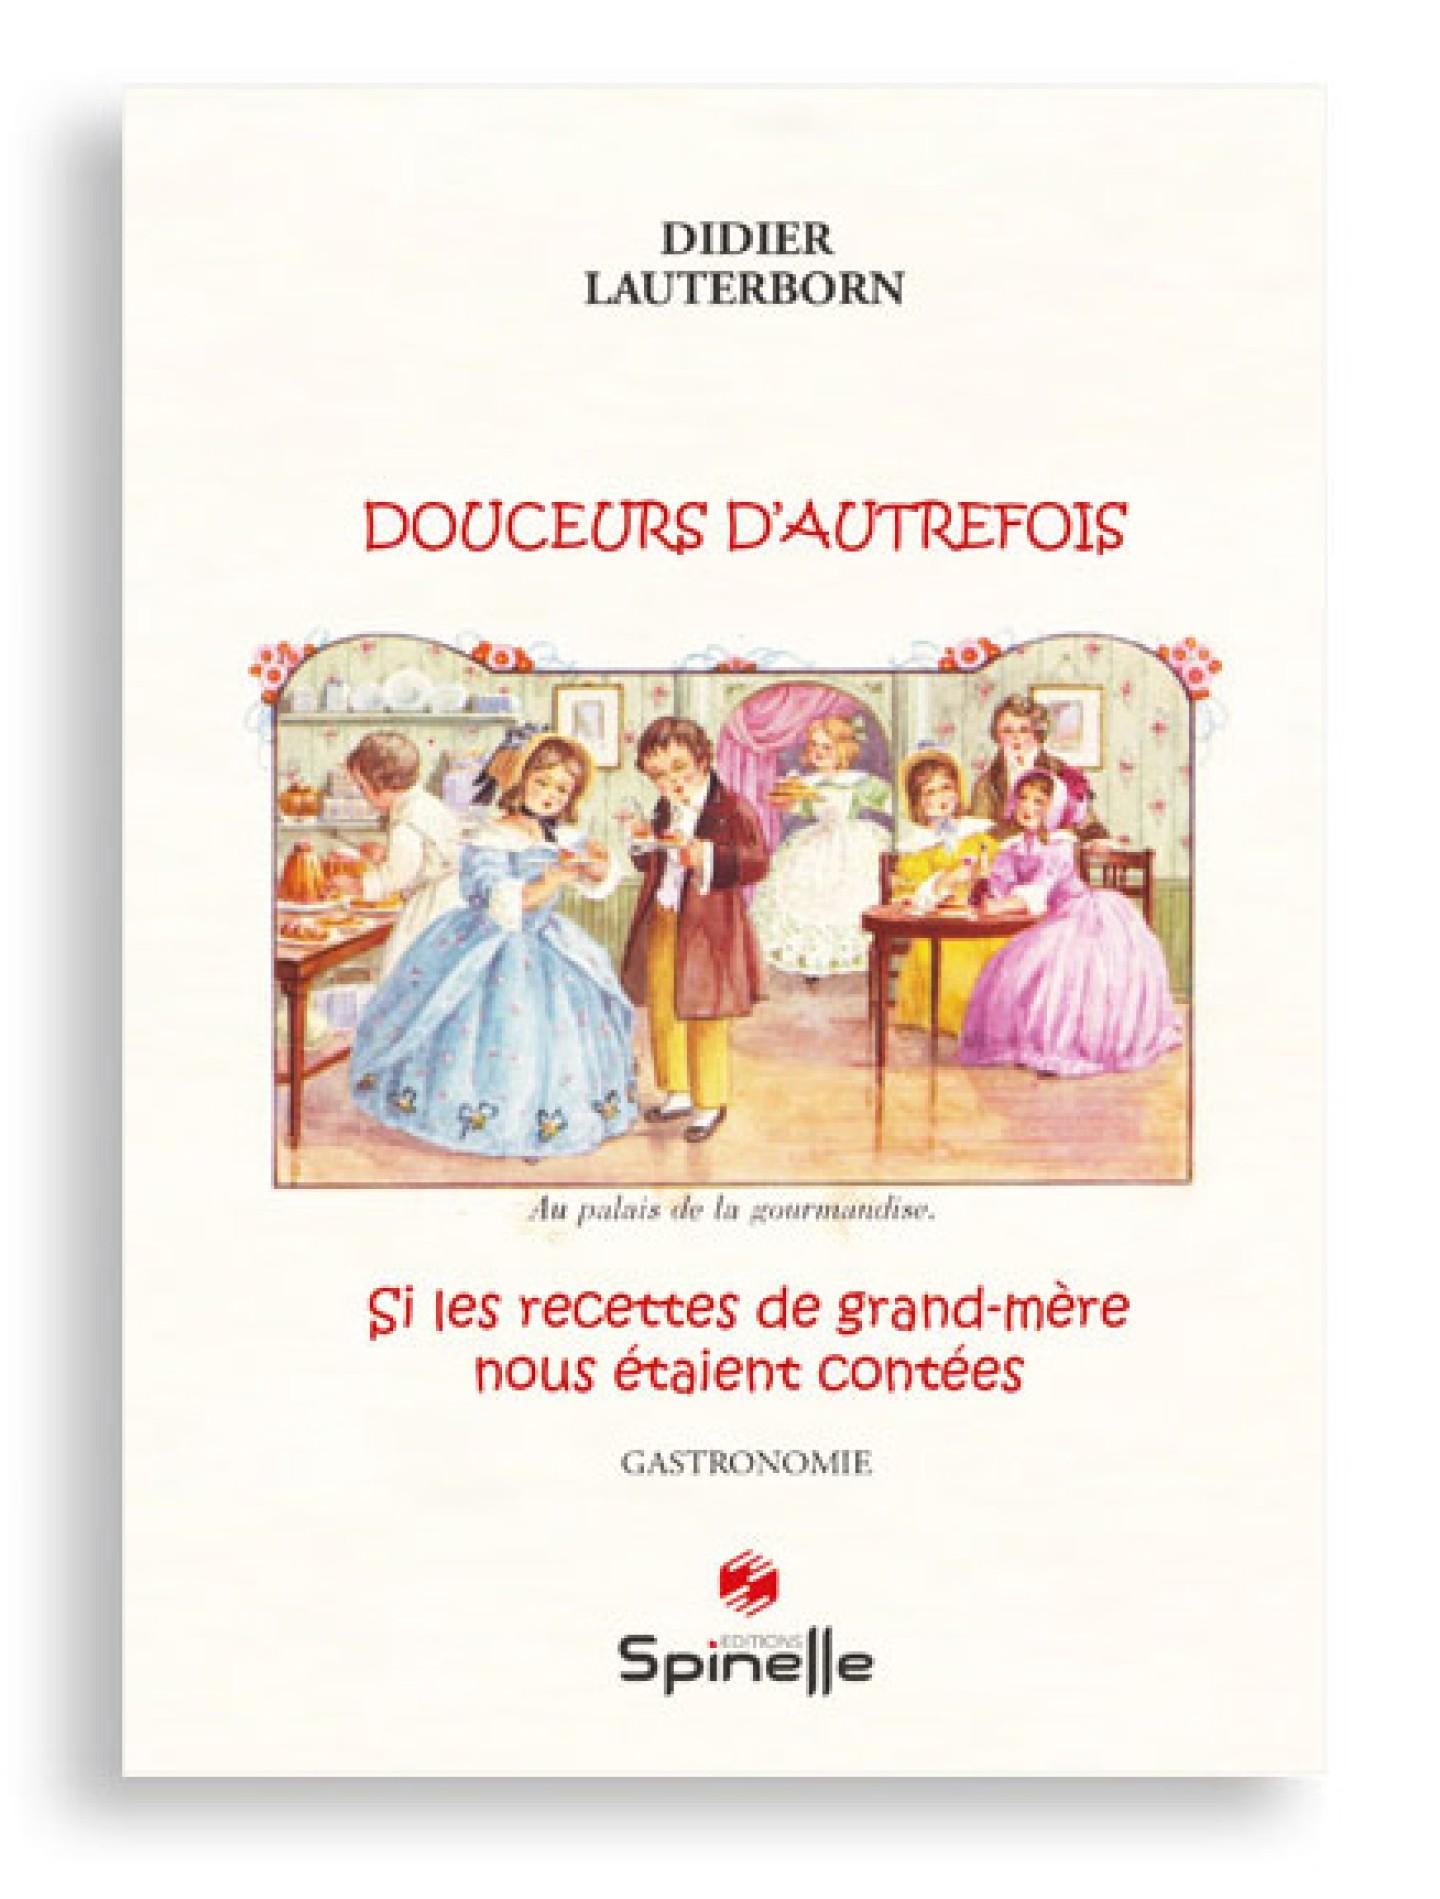 Douceurs d'autrefois de Didier Lauterborn